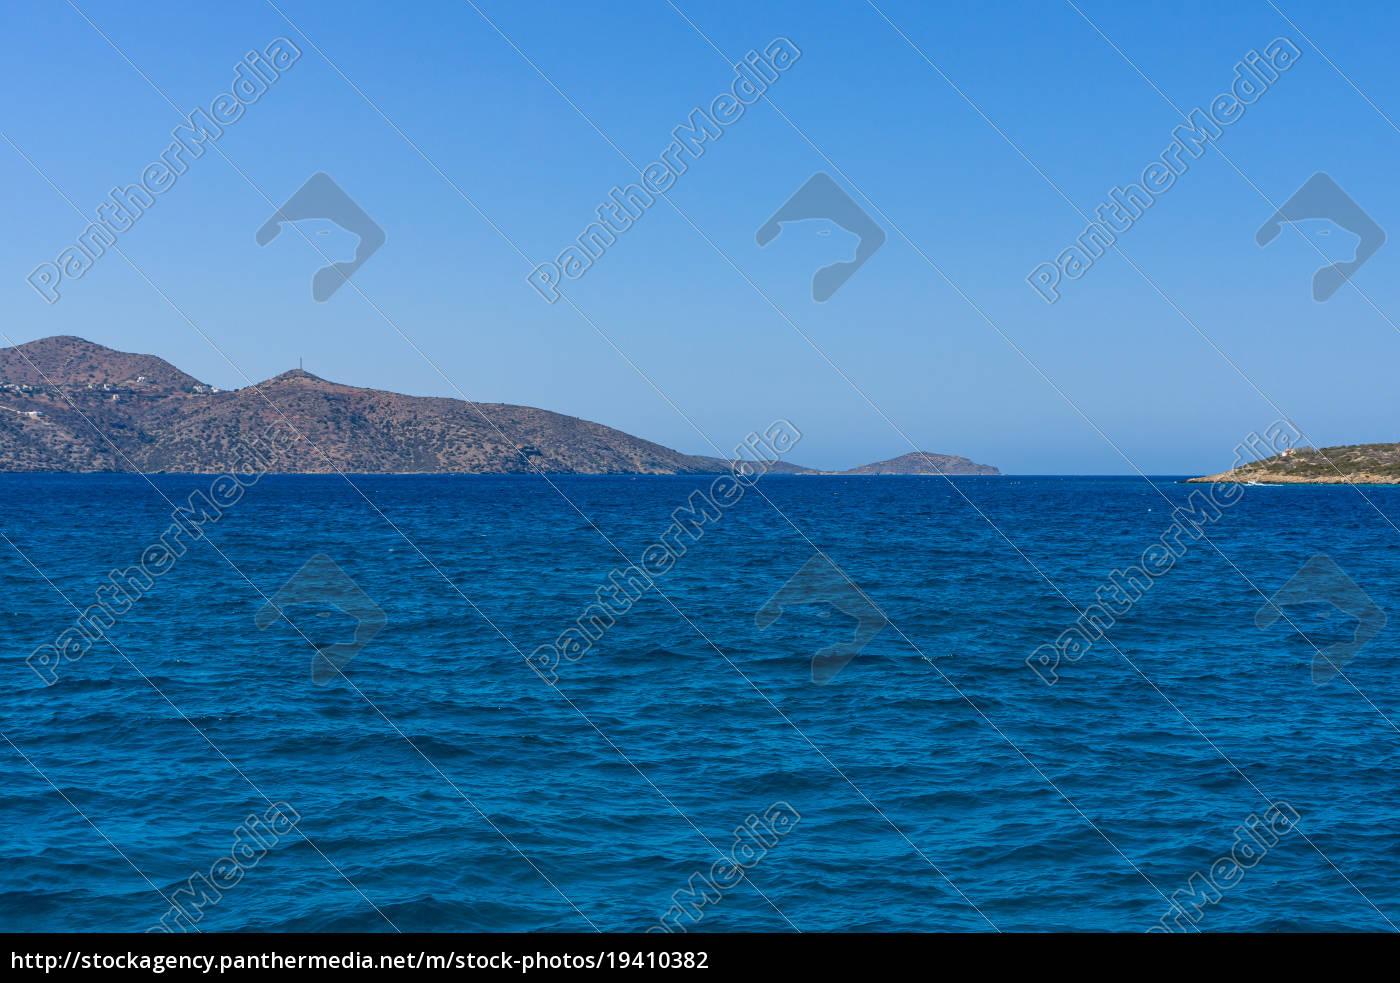 seascape., mediterranean, sea., crete., greece. - 19410382